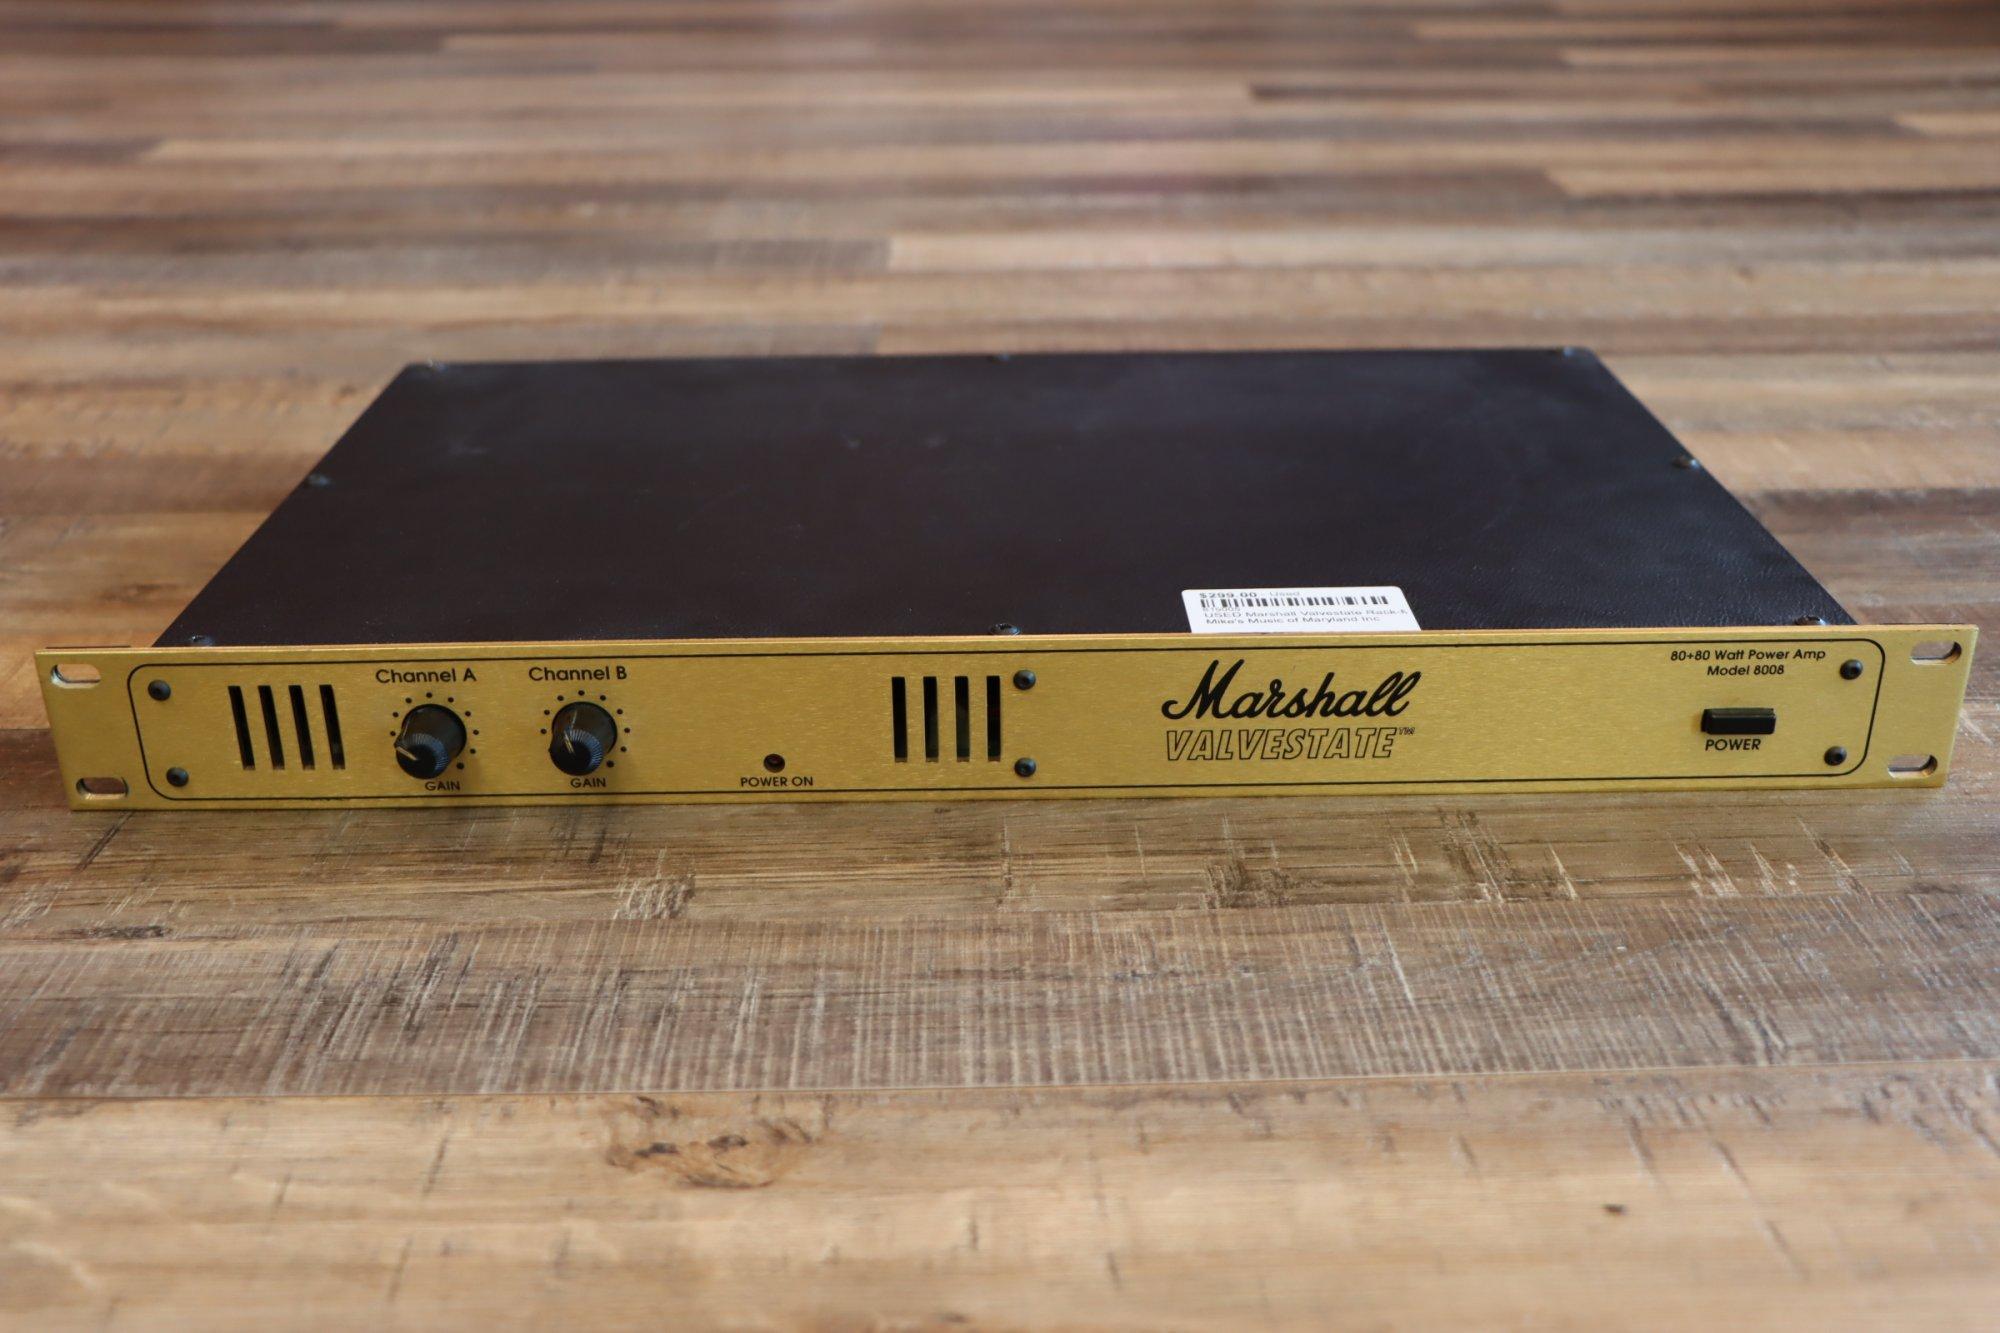 USED Marshall Valvestate Rack-Mount Power Amp Model 8008